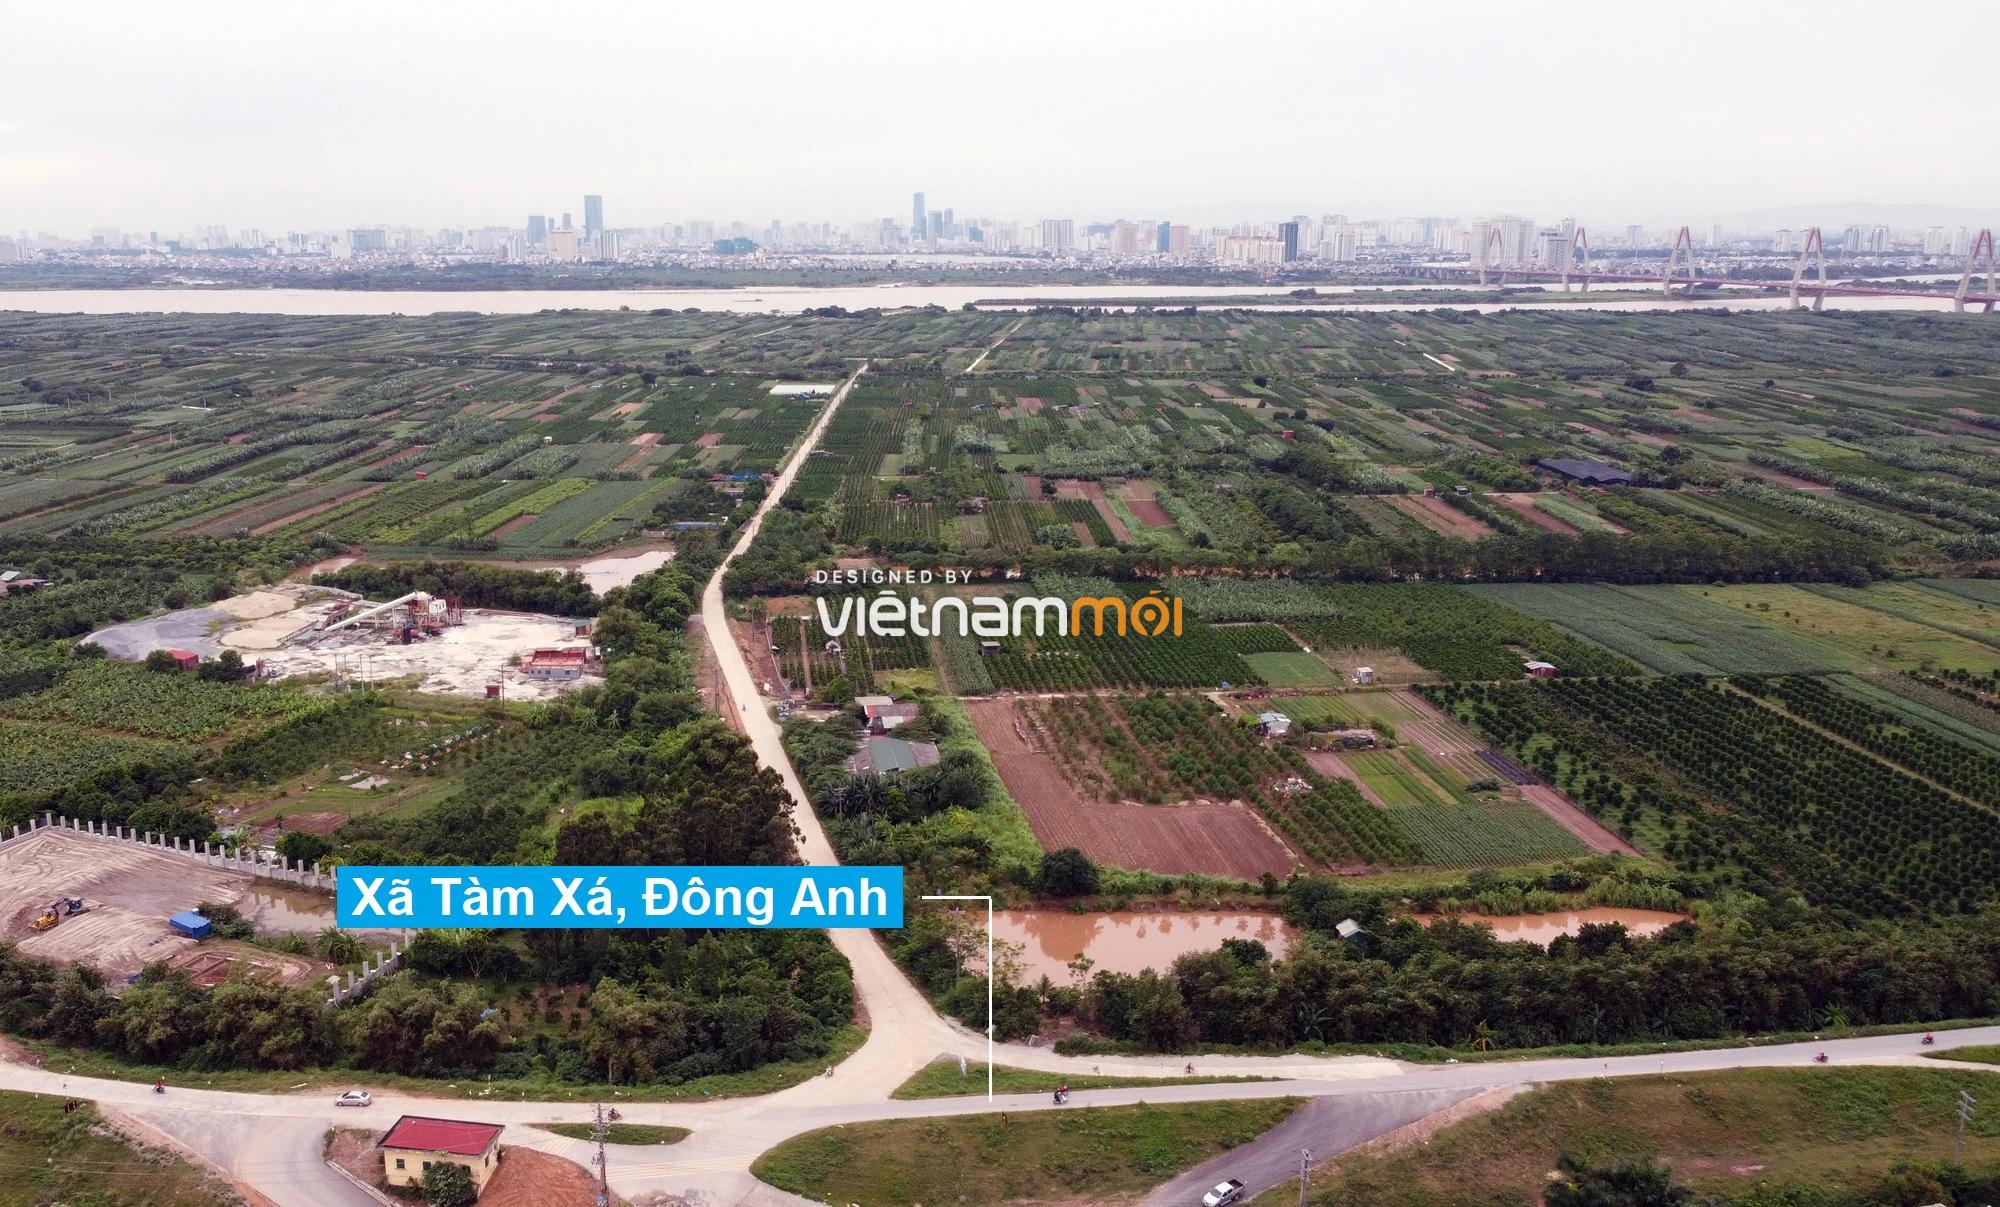 Hà Nội: Toàn cảnh hai bãi sông Hồng được phép xây dựng - Ảnh 3.